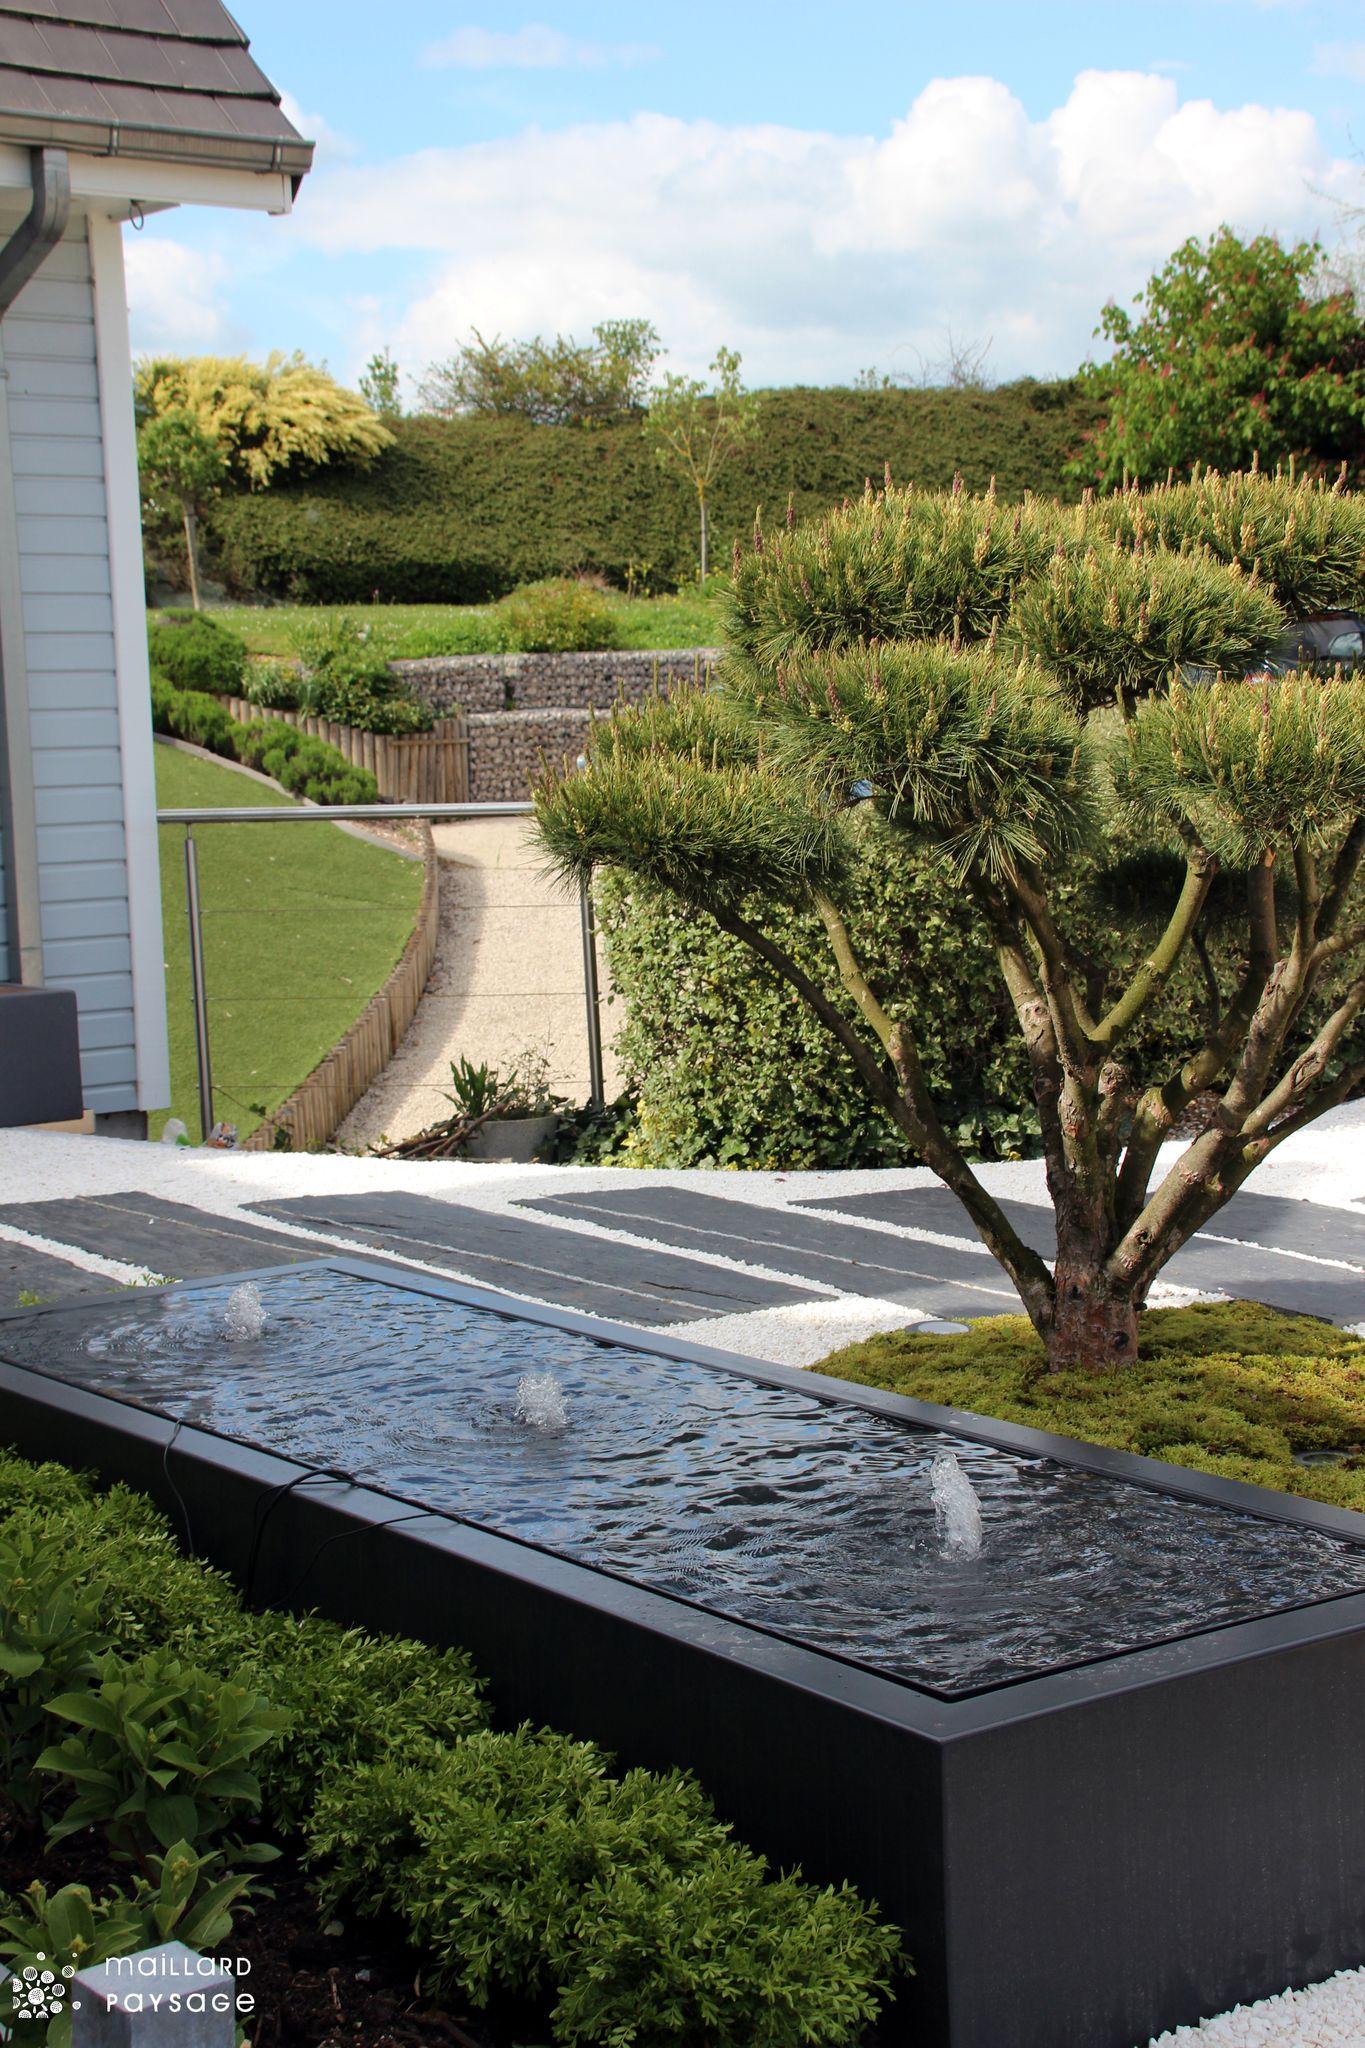 maillard paysage aménagement table d'eau troissereux